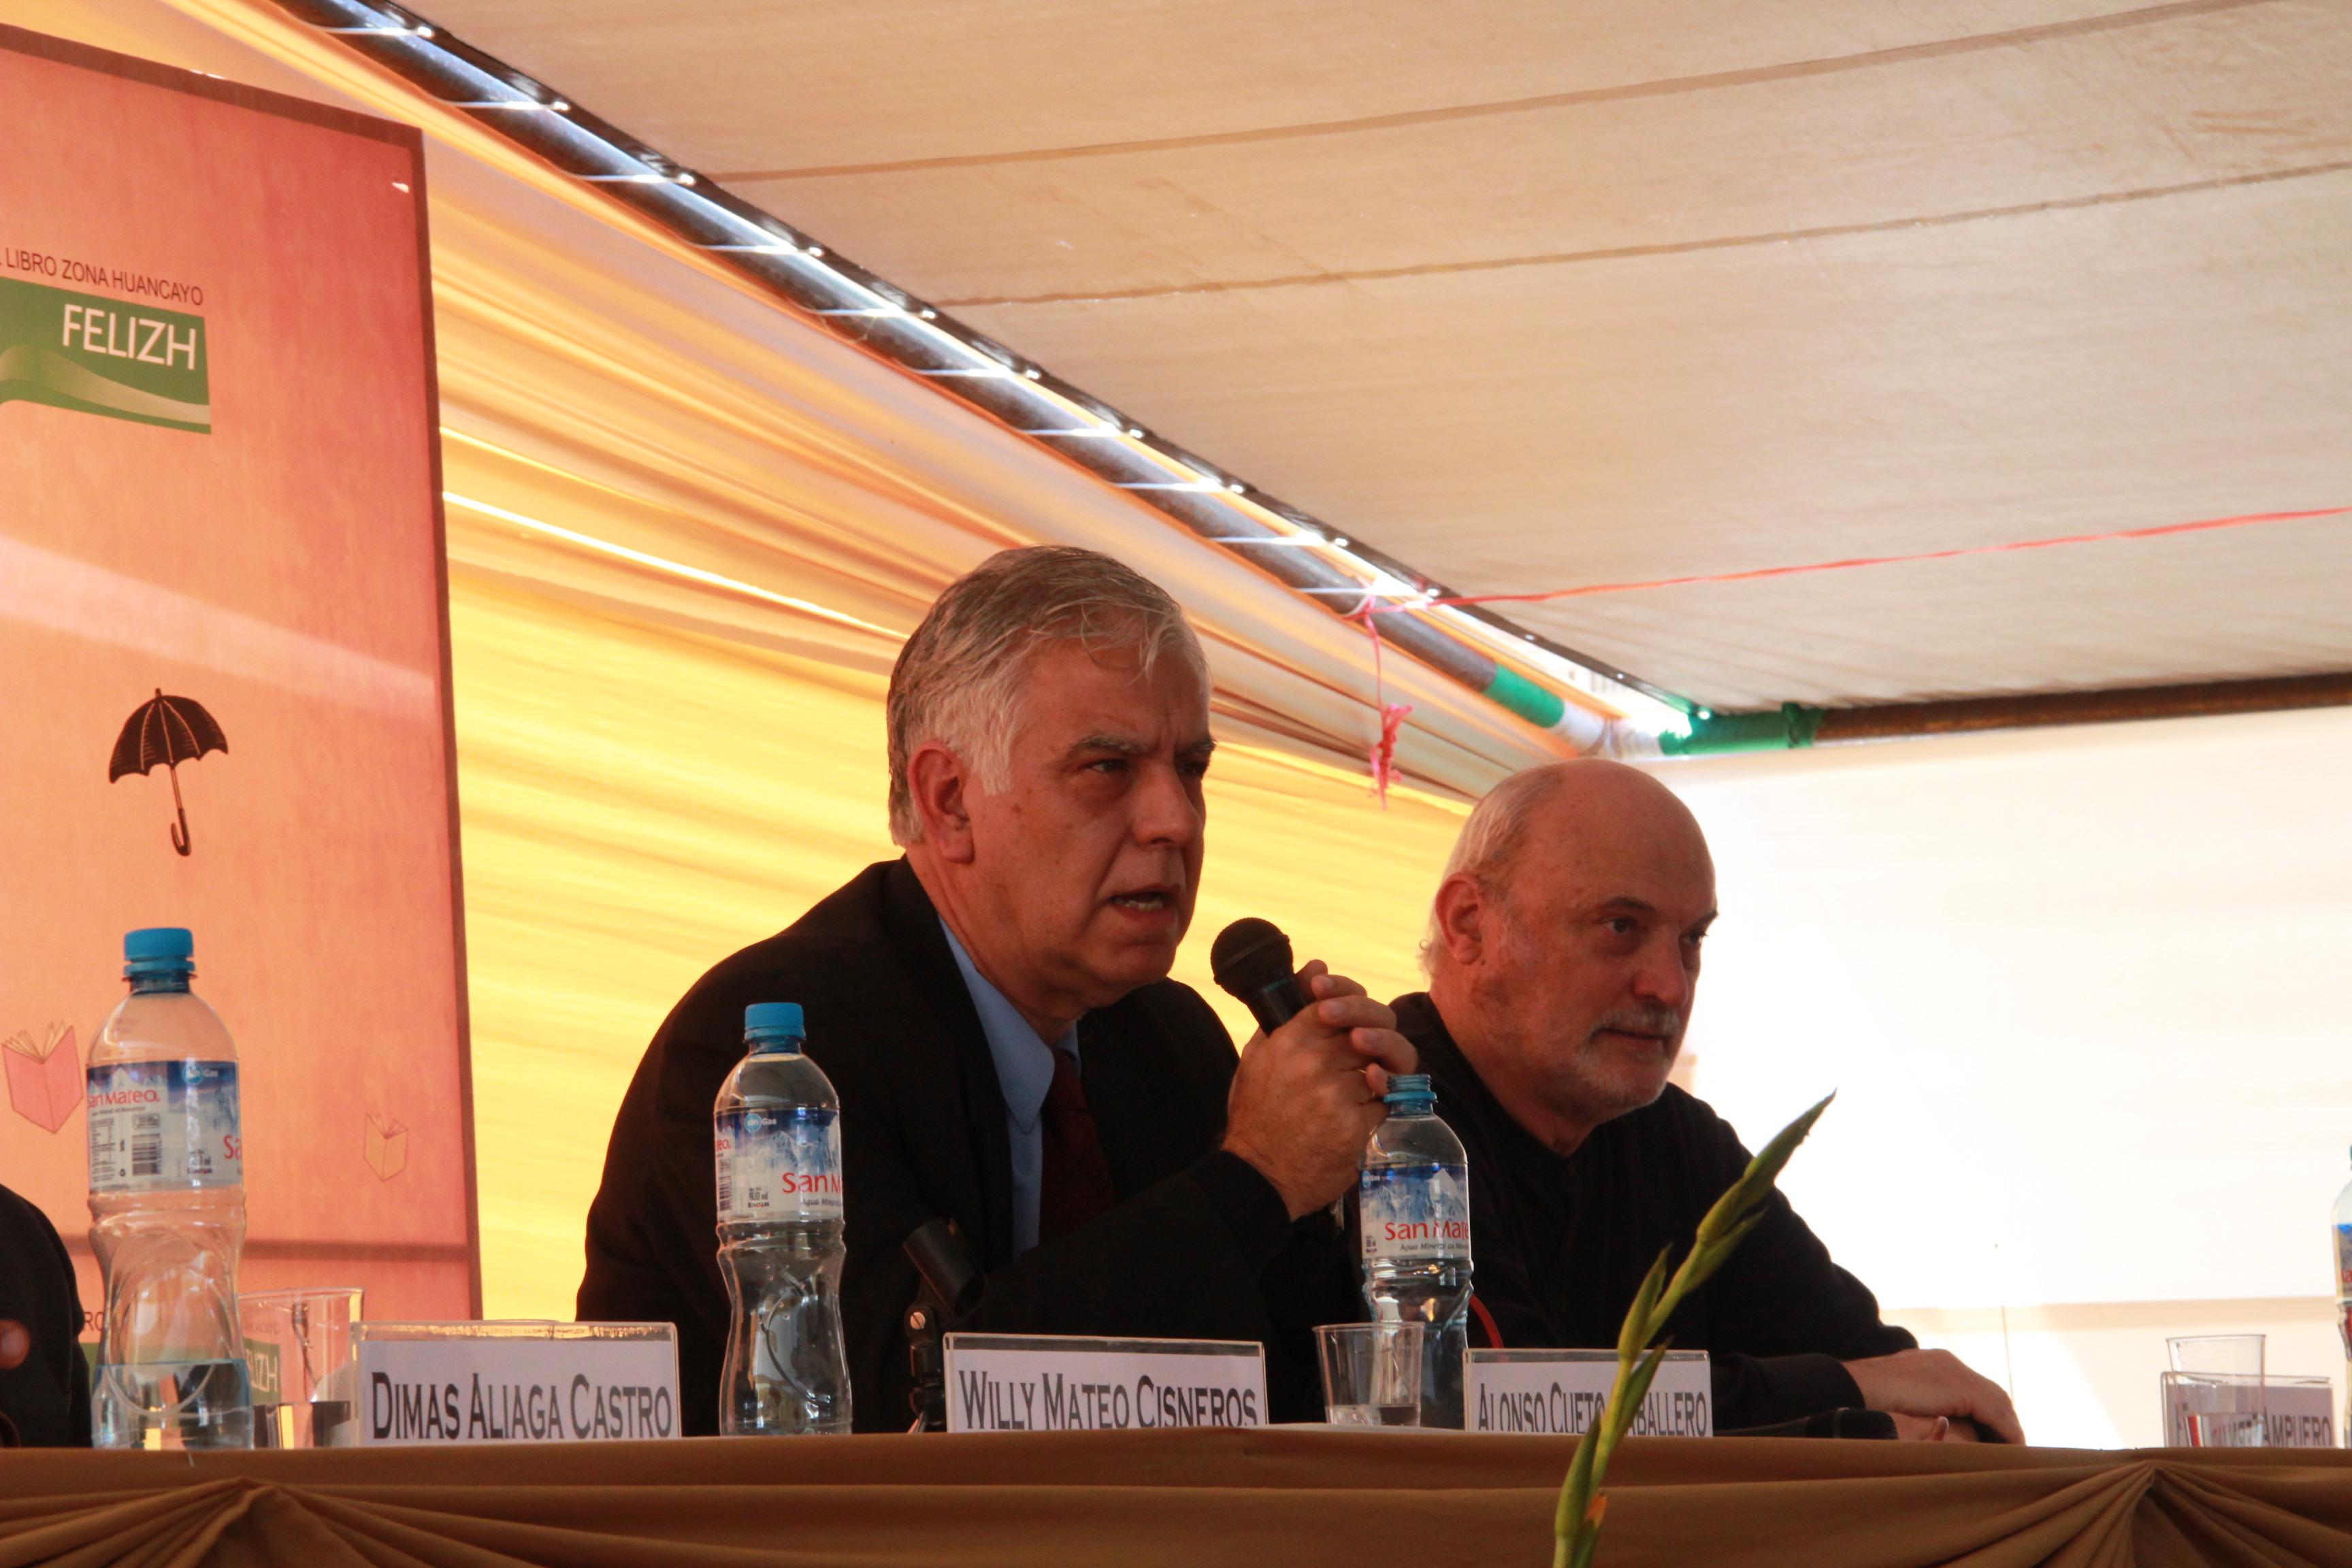 Inauguración FELIZH2013 (9) Alonso Cueto